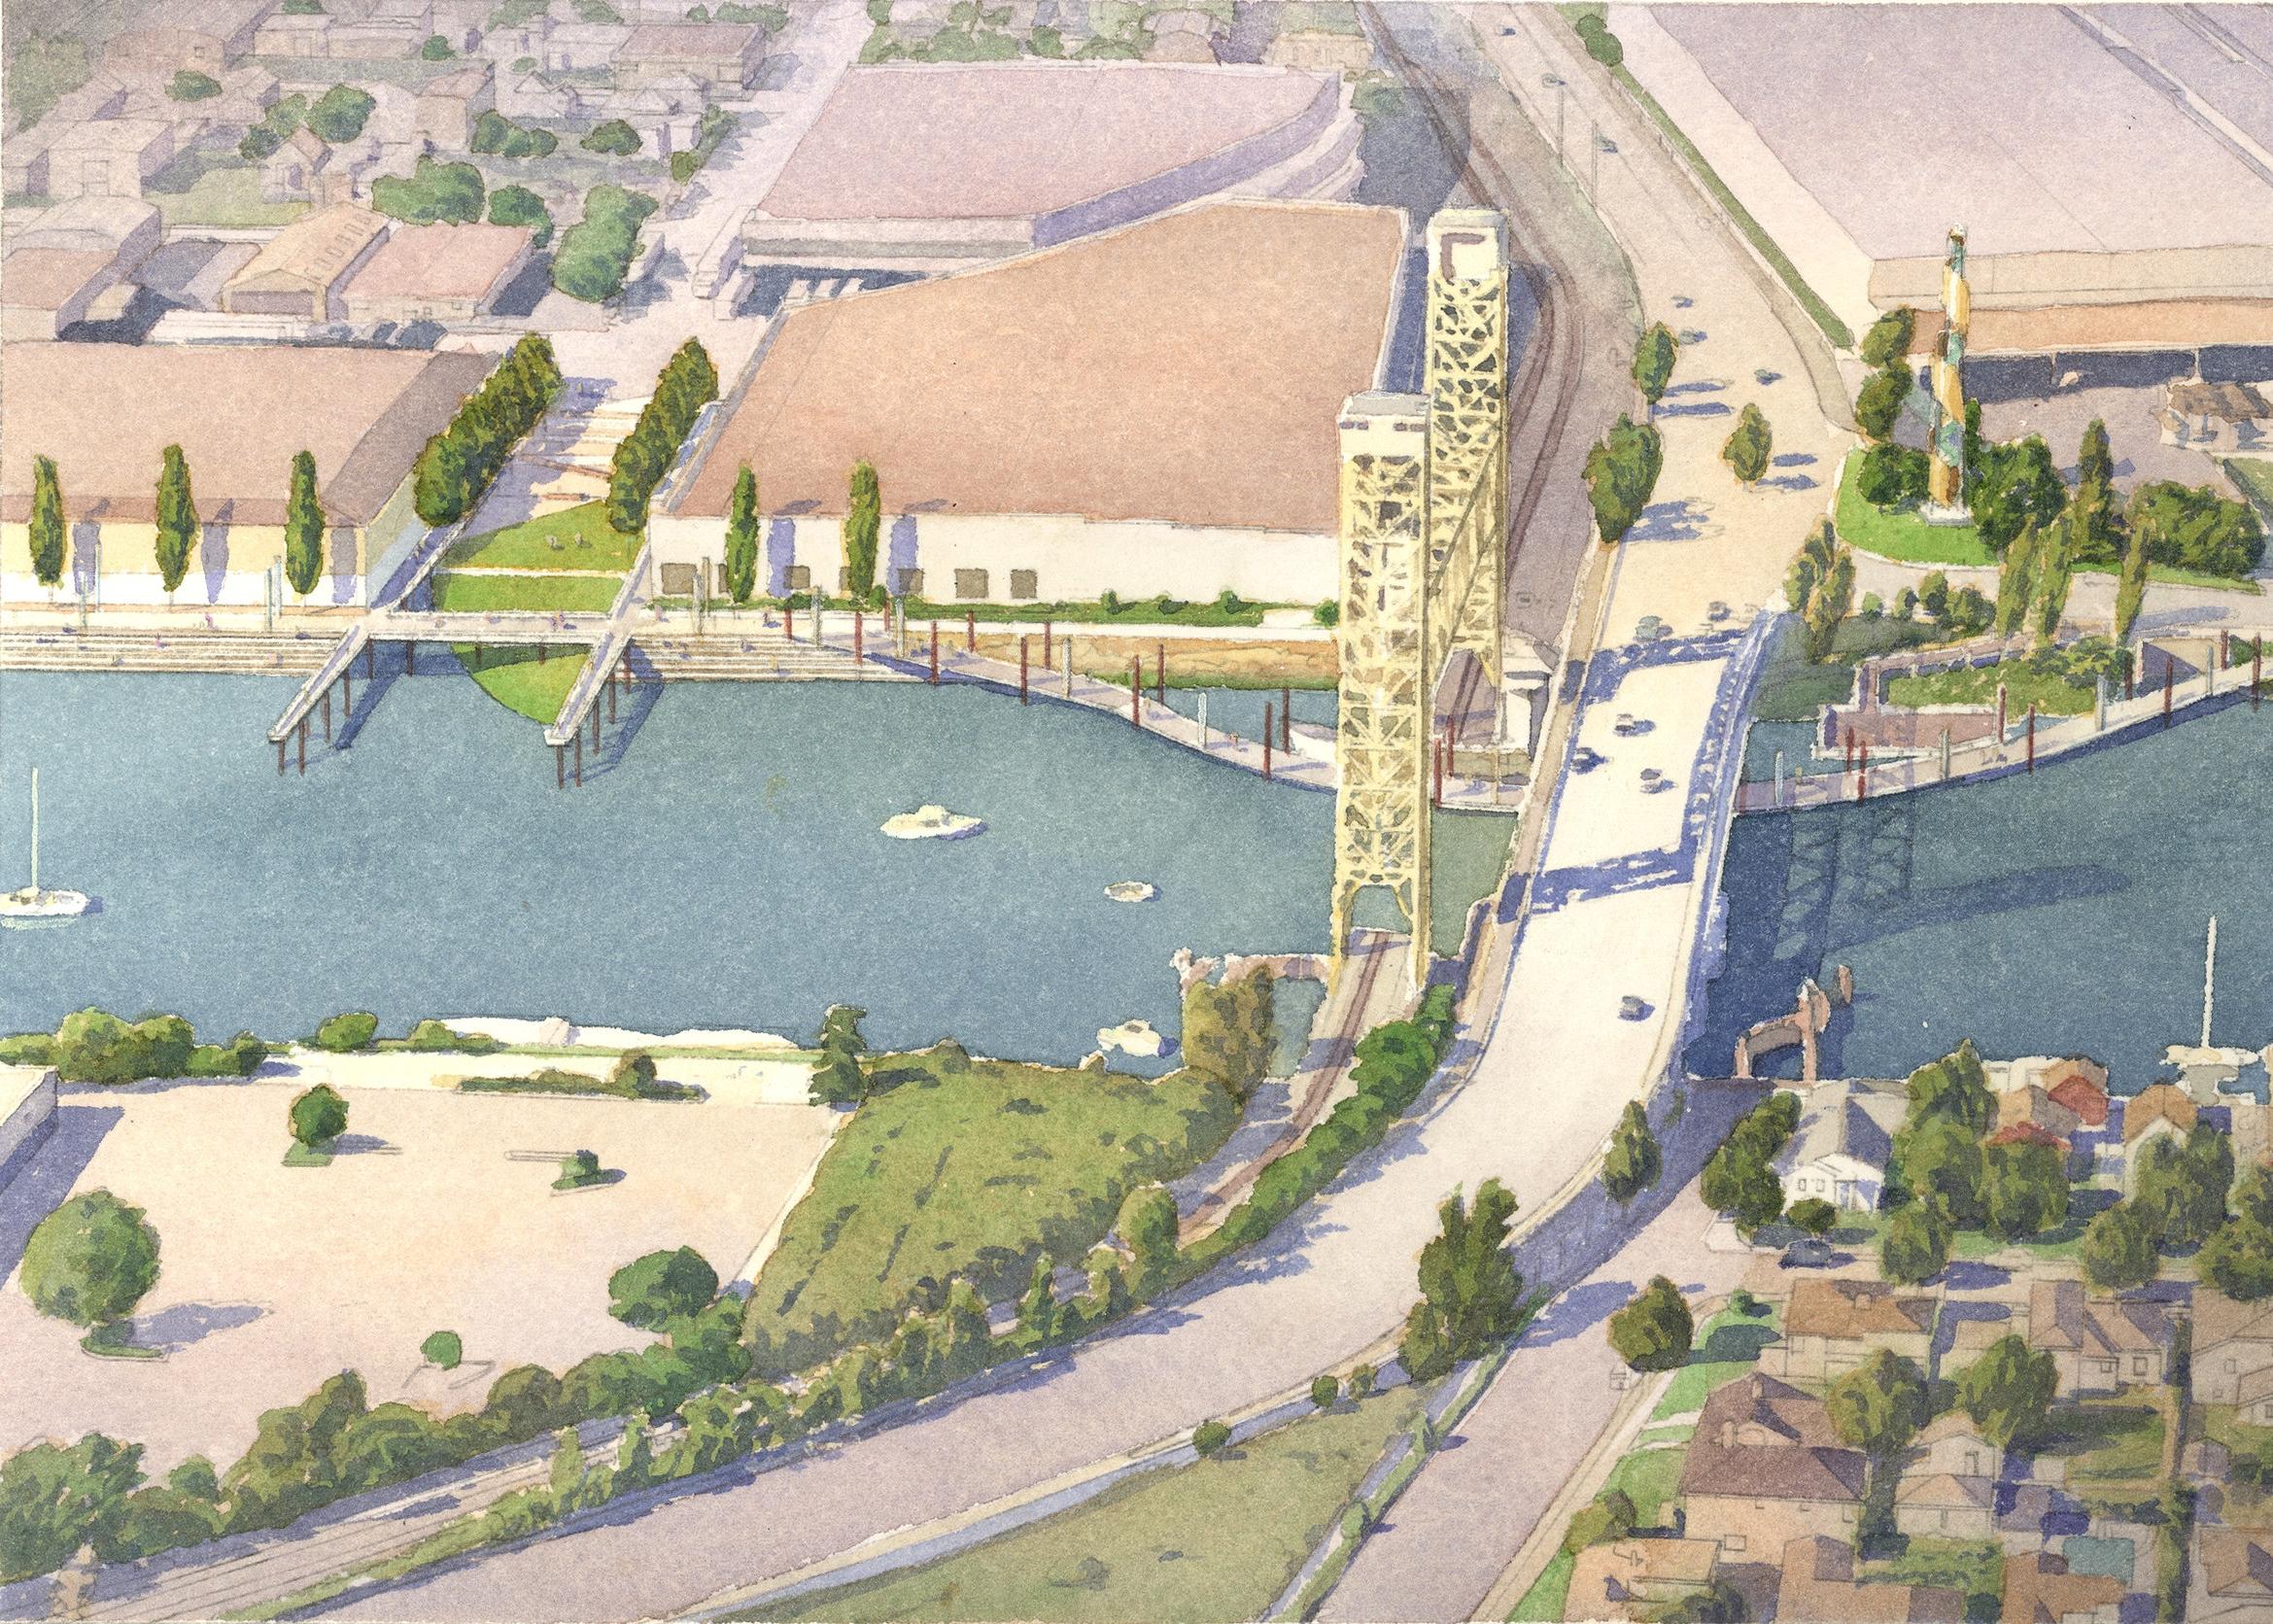 bridgeandpocket park.jpg